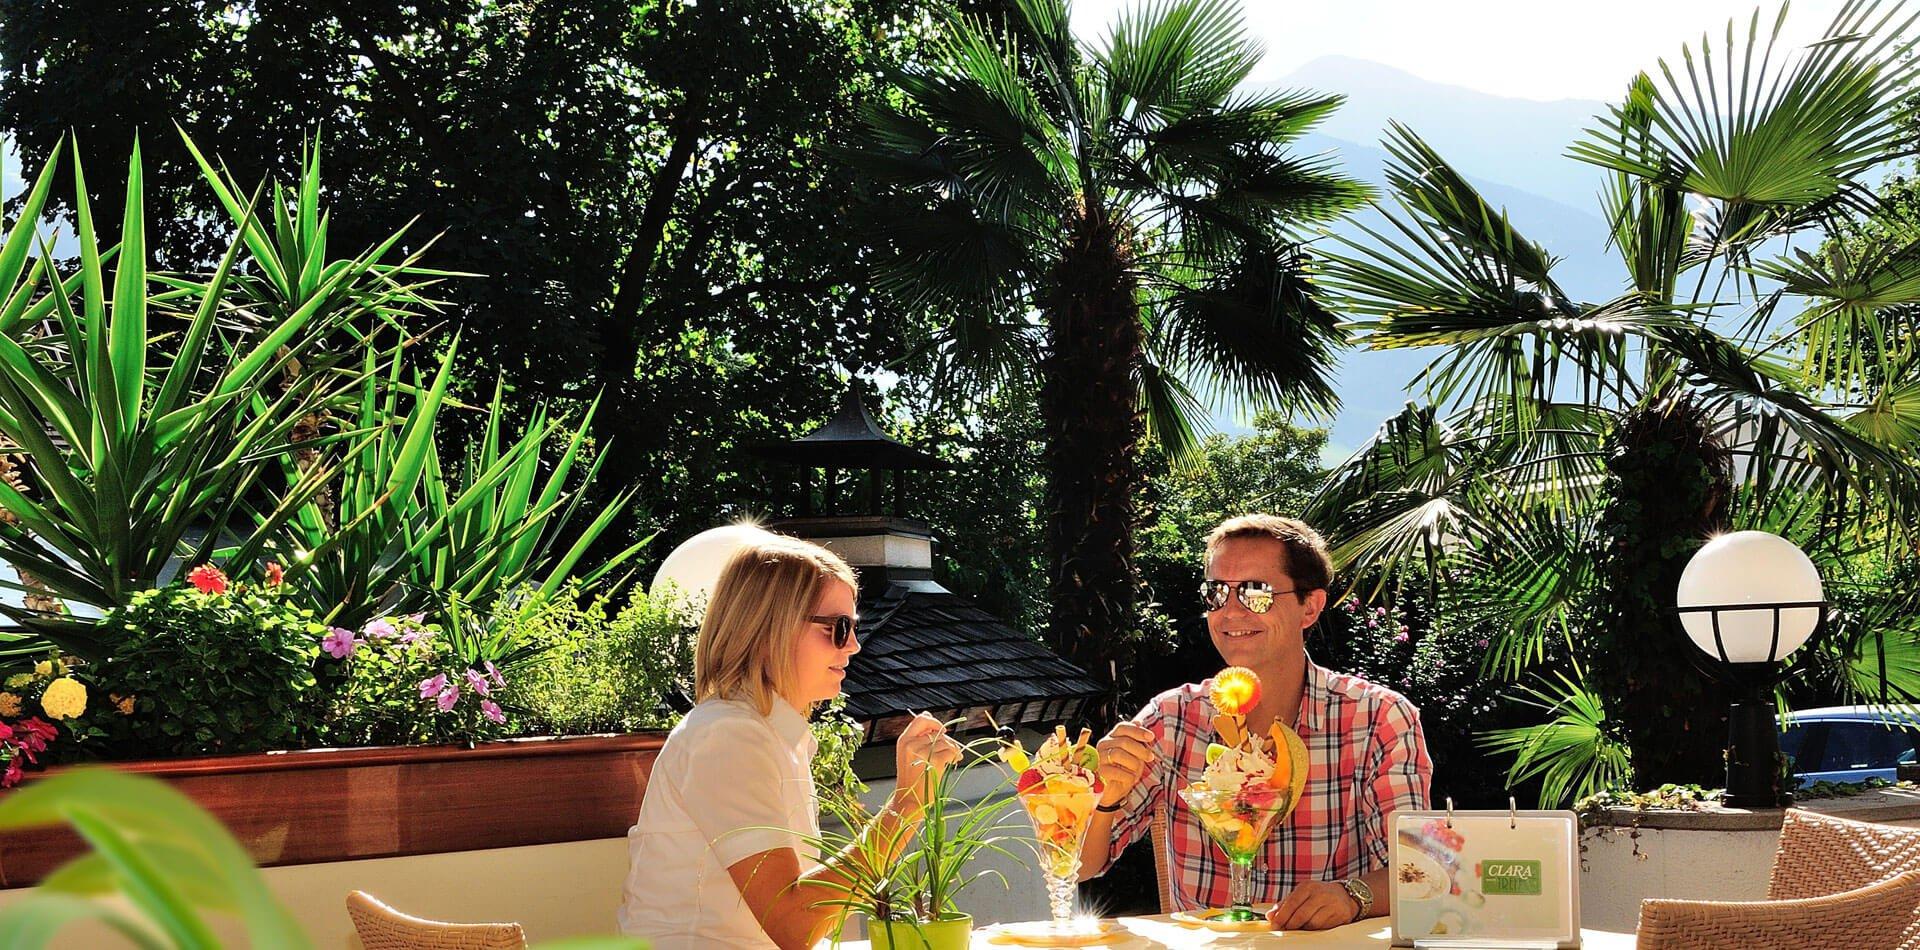 restaurant-vahrn-brixen-suedtirol